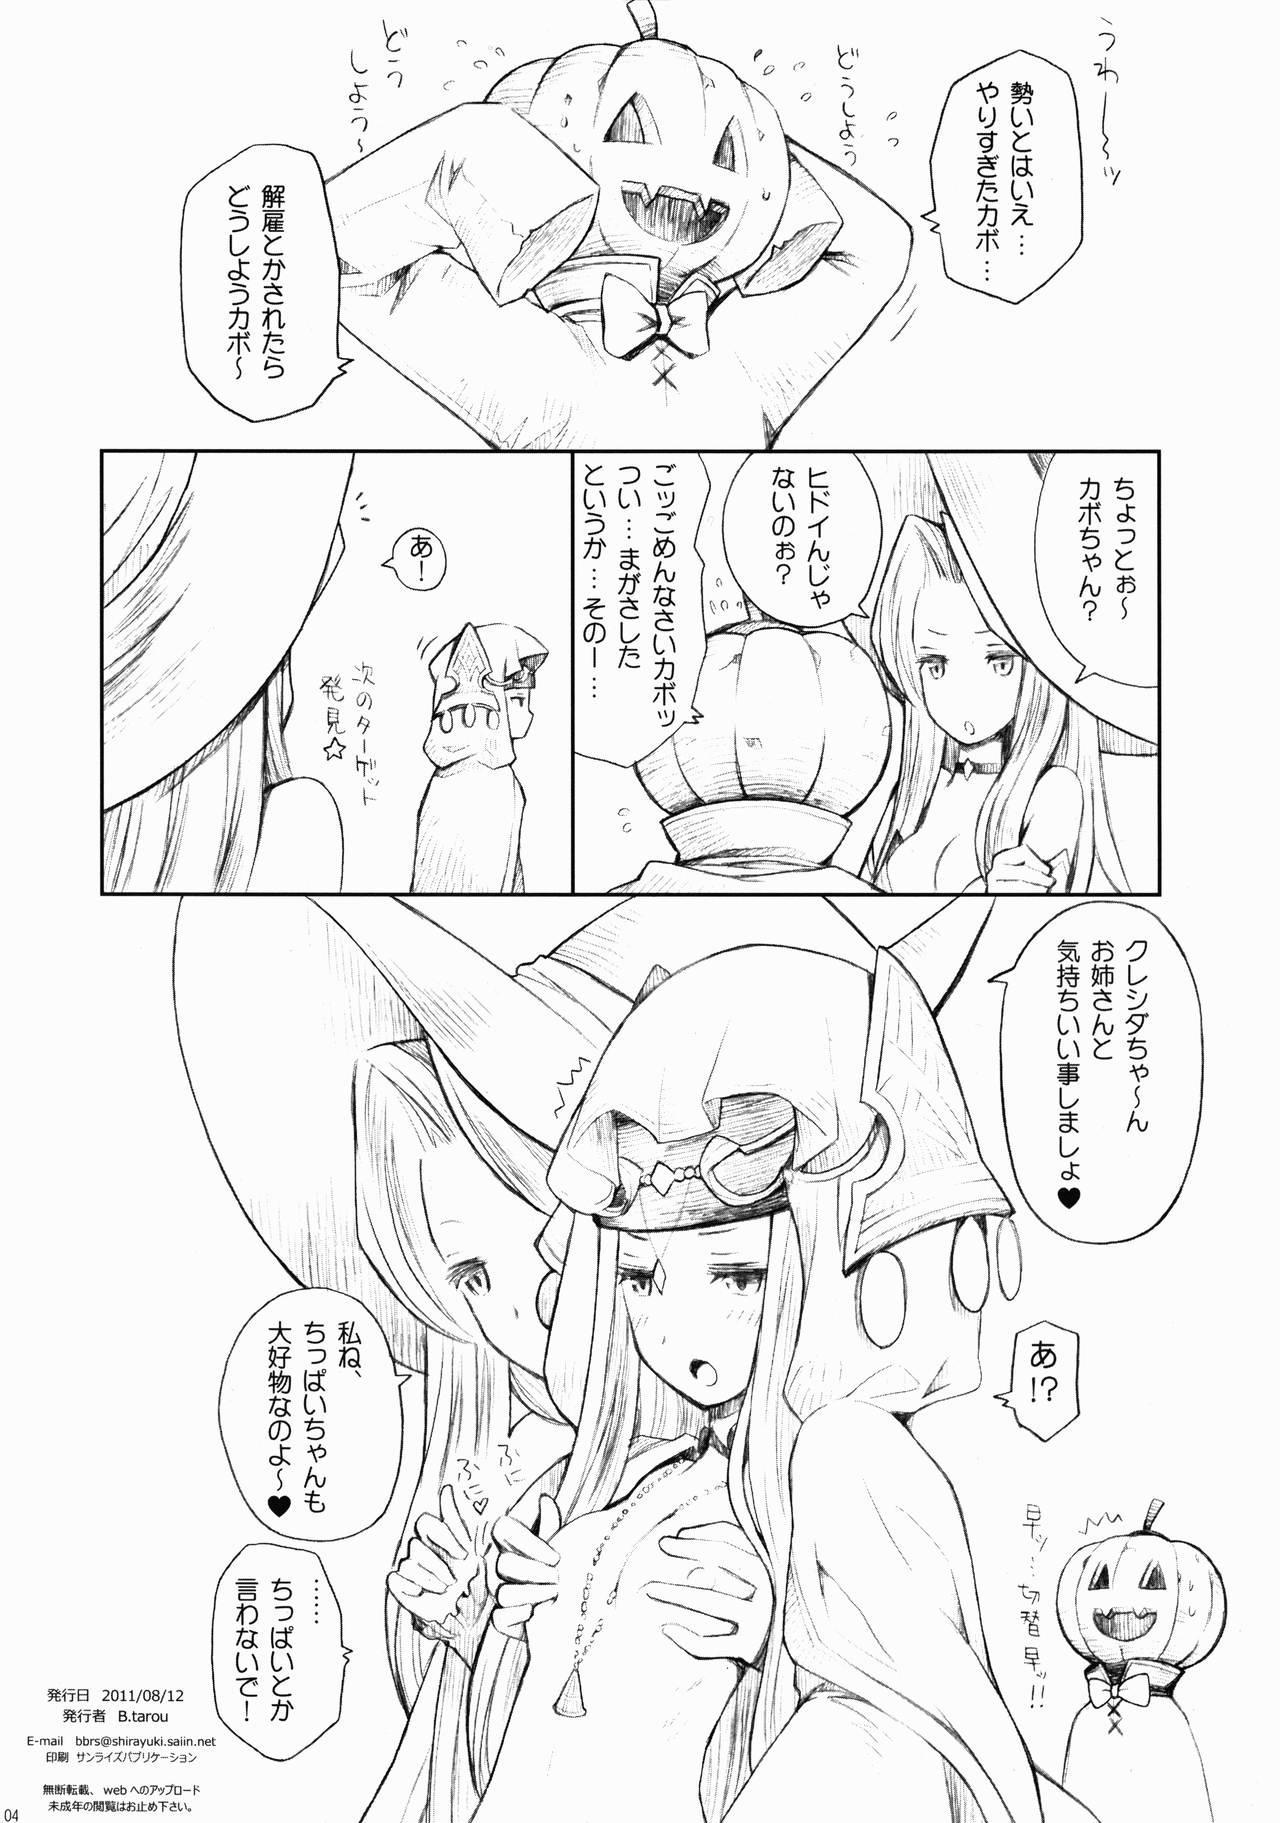 Majo to Kabocha to Ikusaotome Omake Manga 3